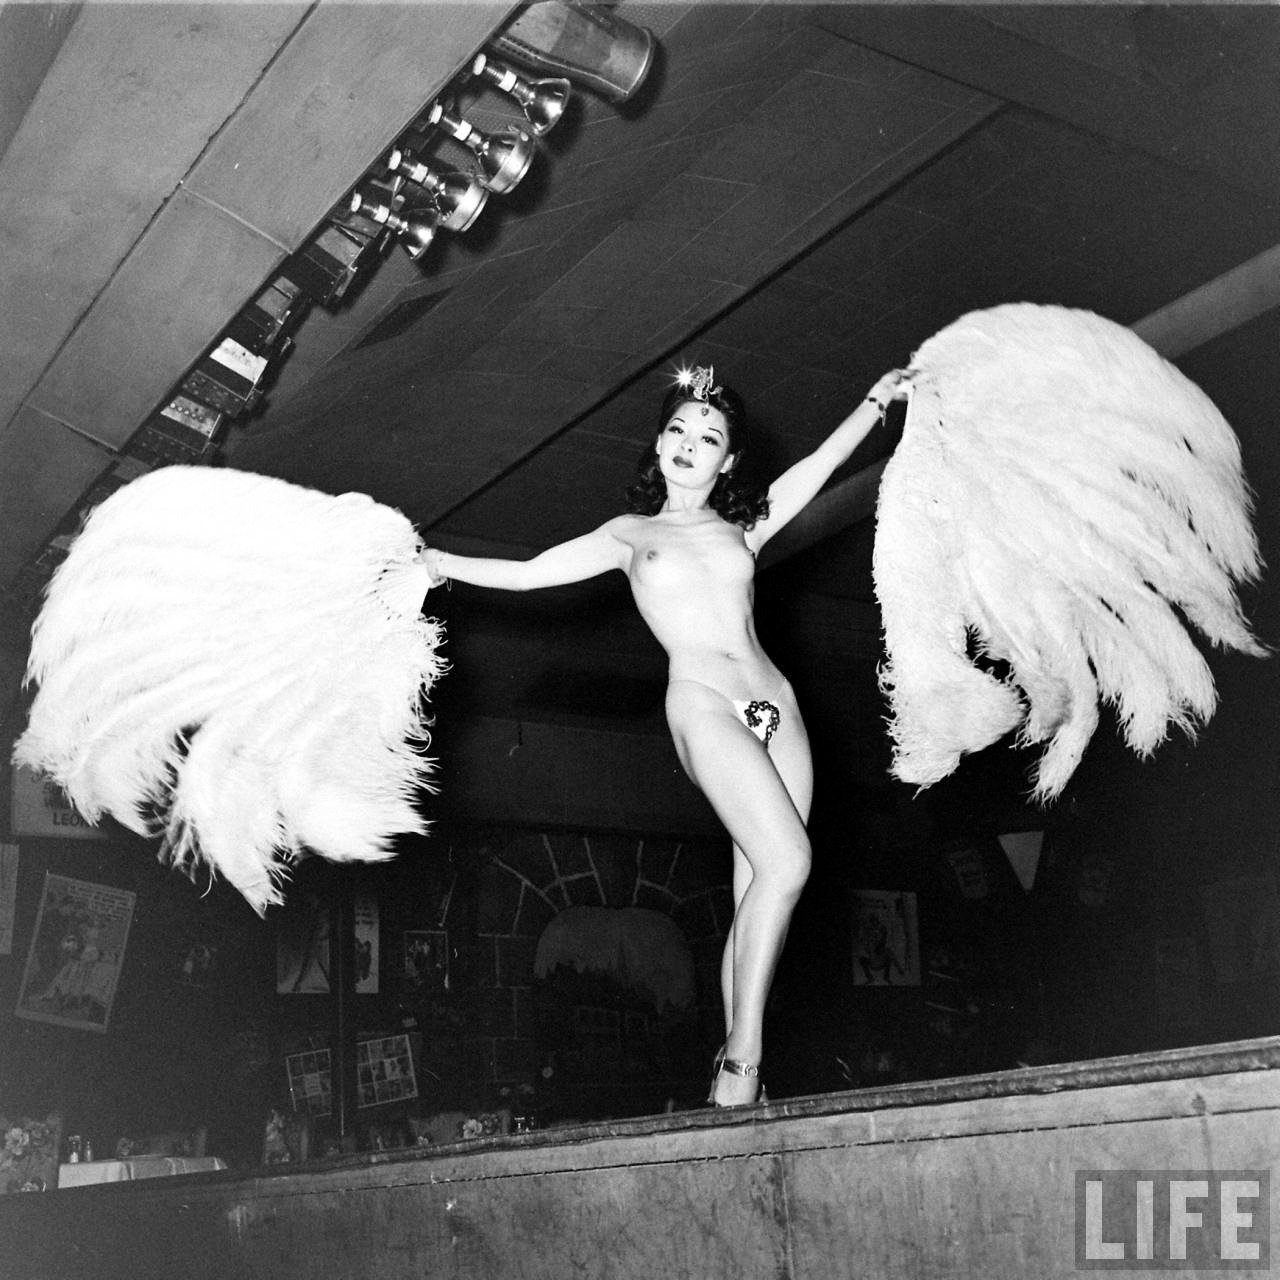 Fotó: Nina Leen: Kínai táncos, dátum nélkül © Nina Leen/Life Magazine